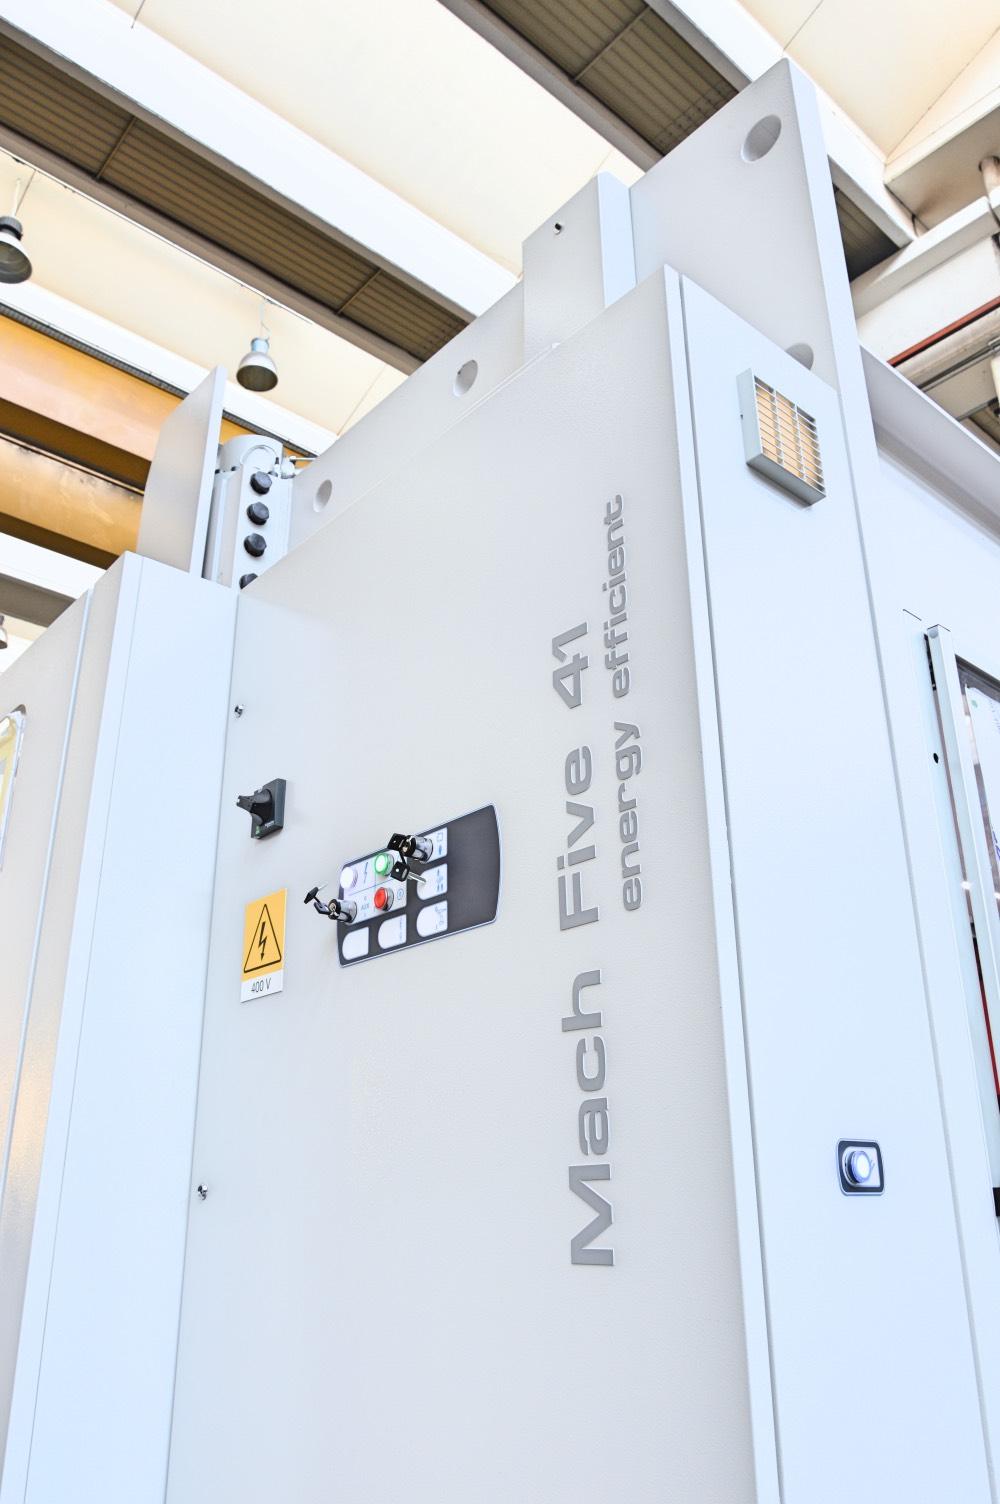 armario electrico prensa plegadora para chapa